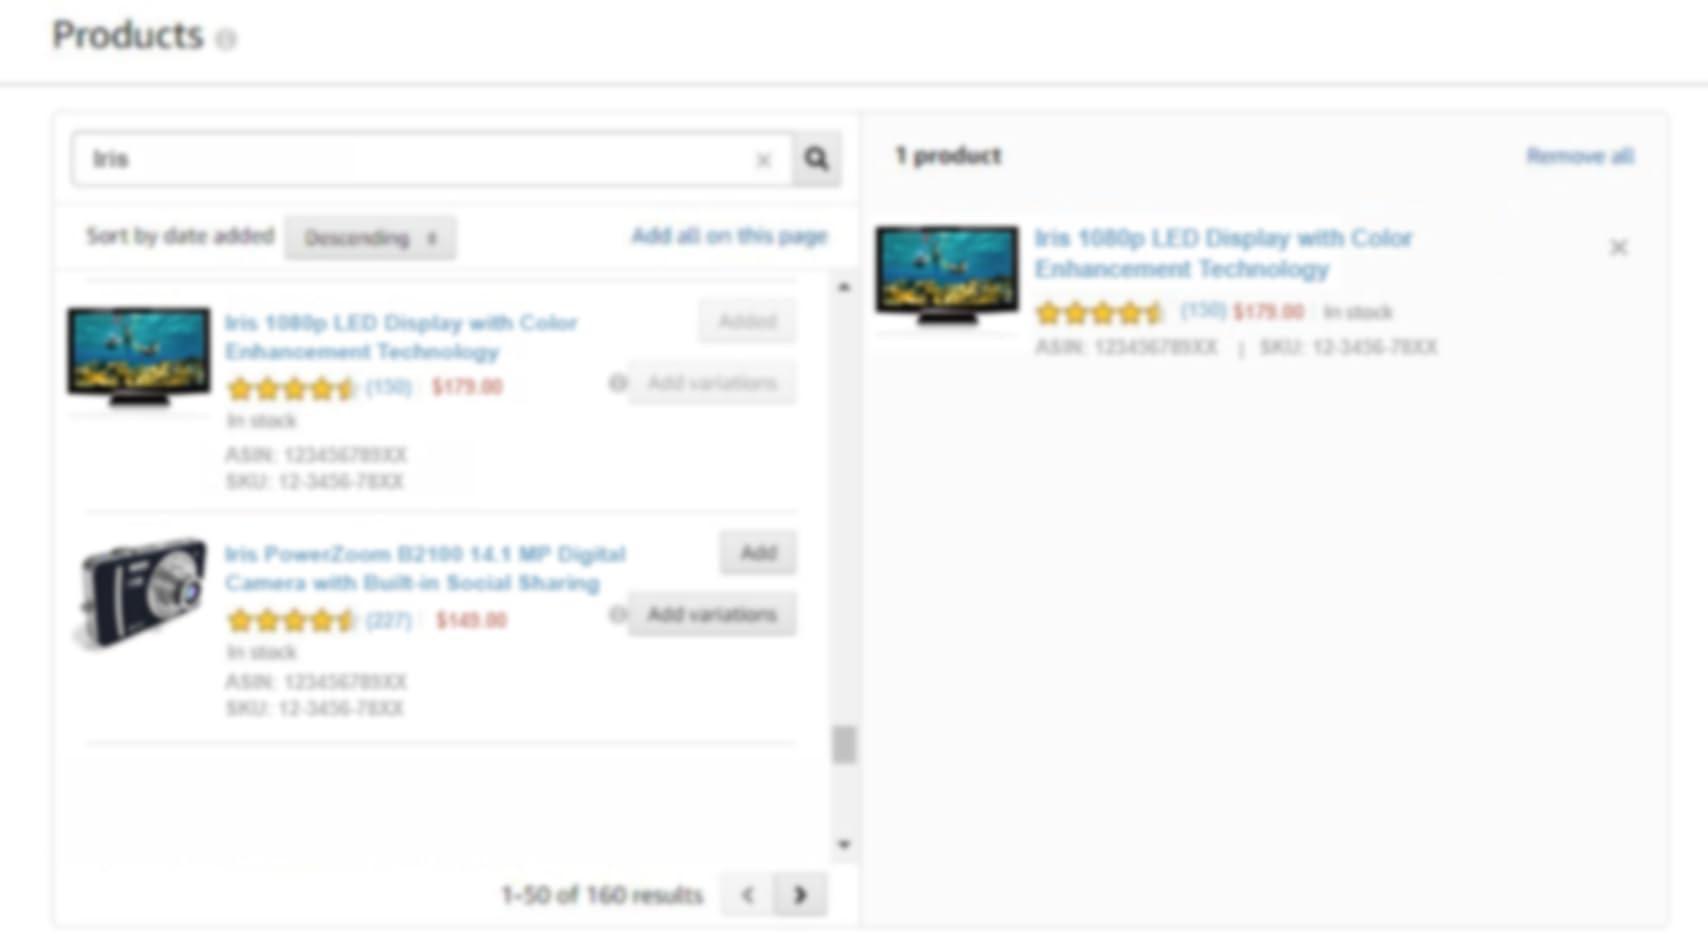 亚马逊展示型推广助您灵活高效地管理广告活动、获取最大效果